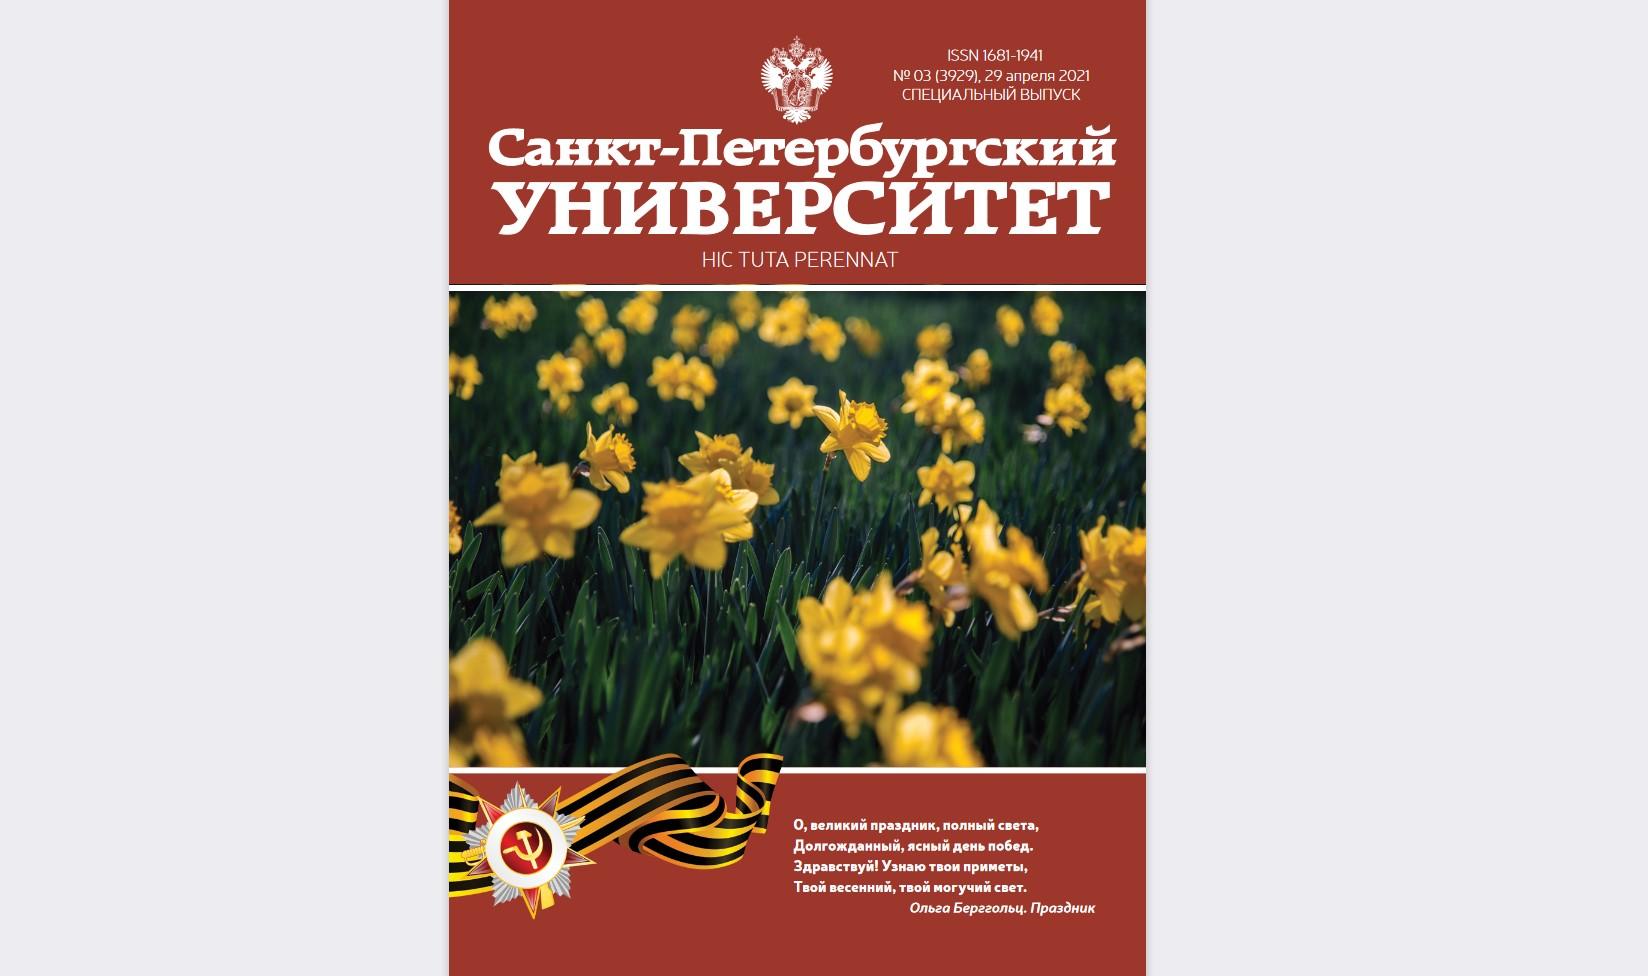 Вышел специальный номер журнала «Санкт-Петербургский университет»